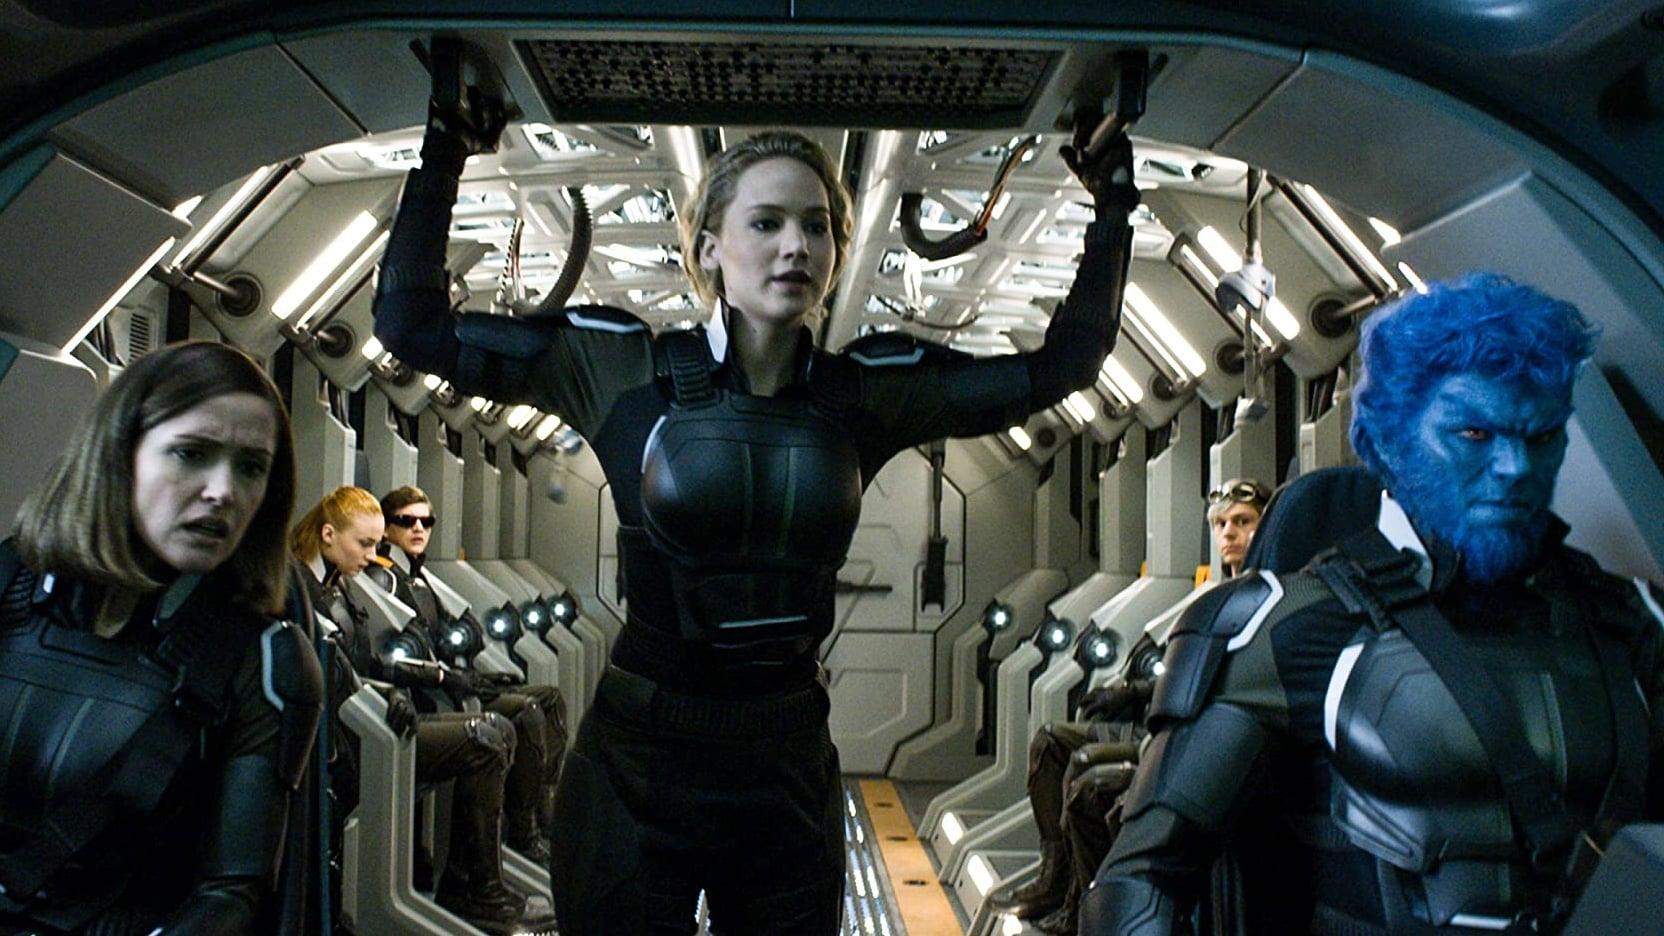 ดูหนัง X-Men Apocalypse เอ็กซ์เม็น อะพอคคาลิปส์